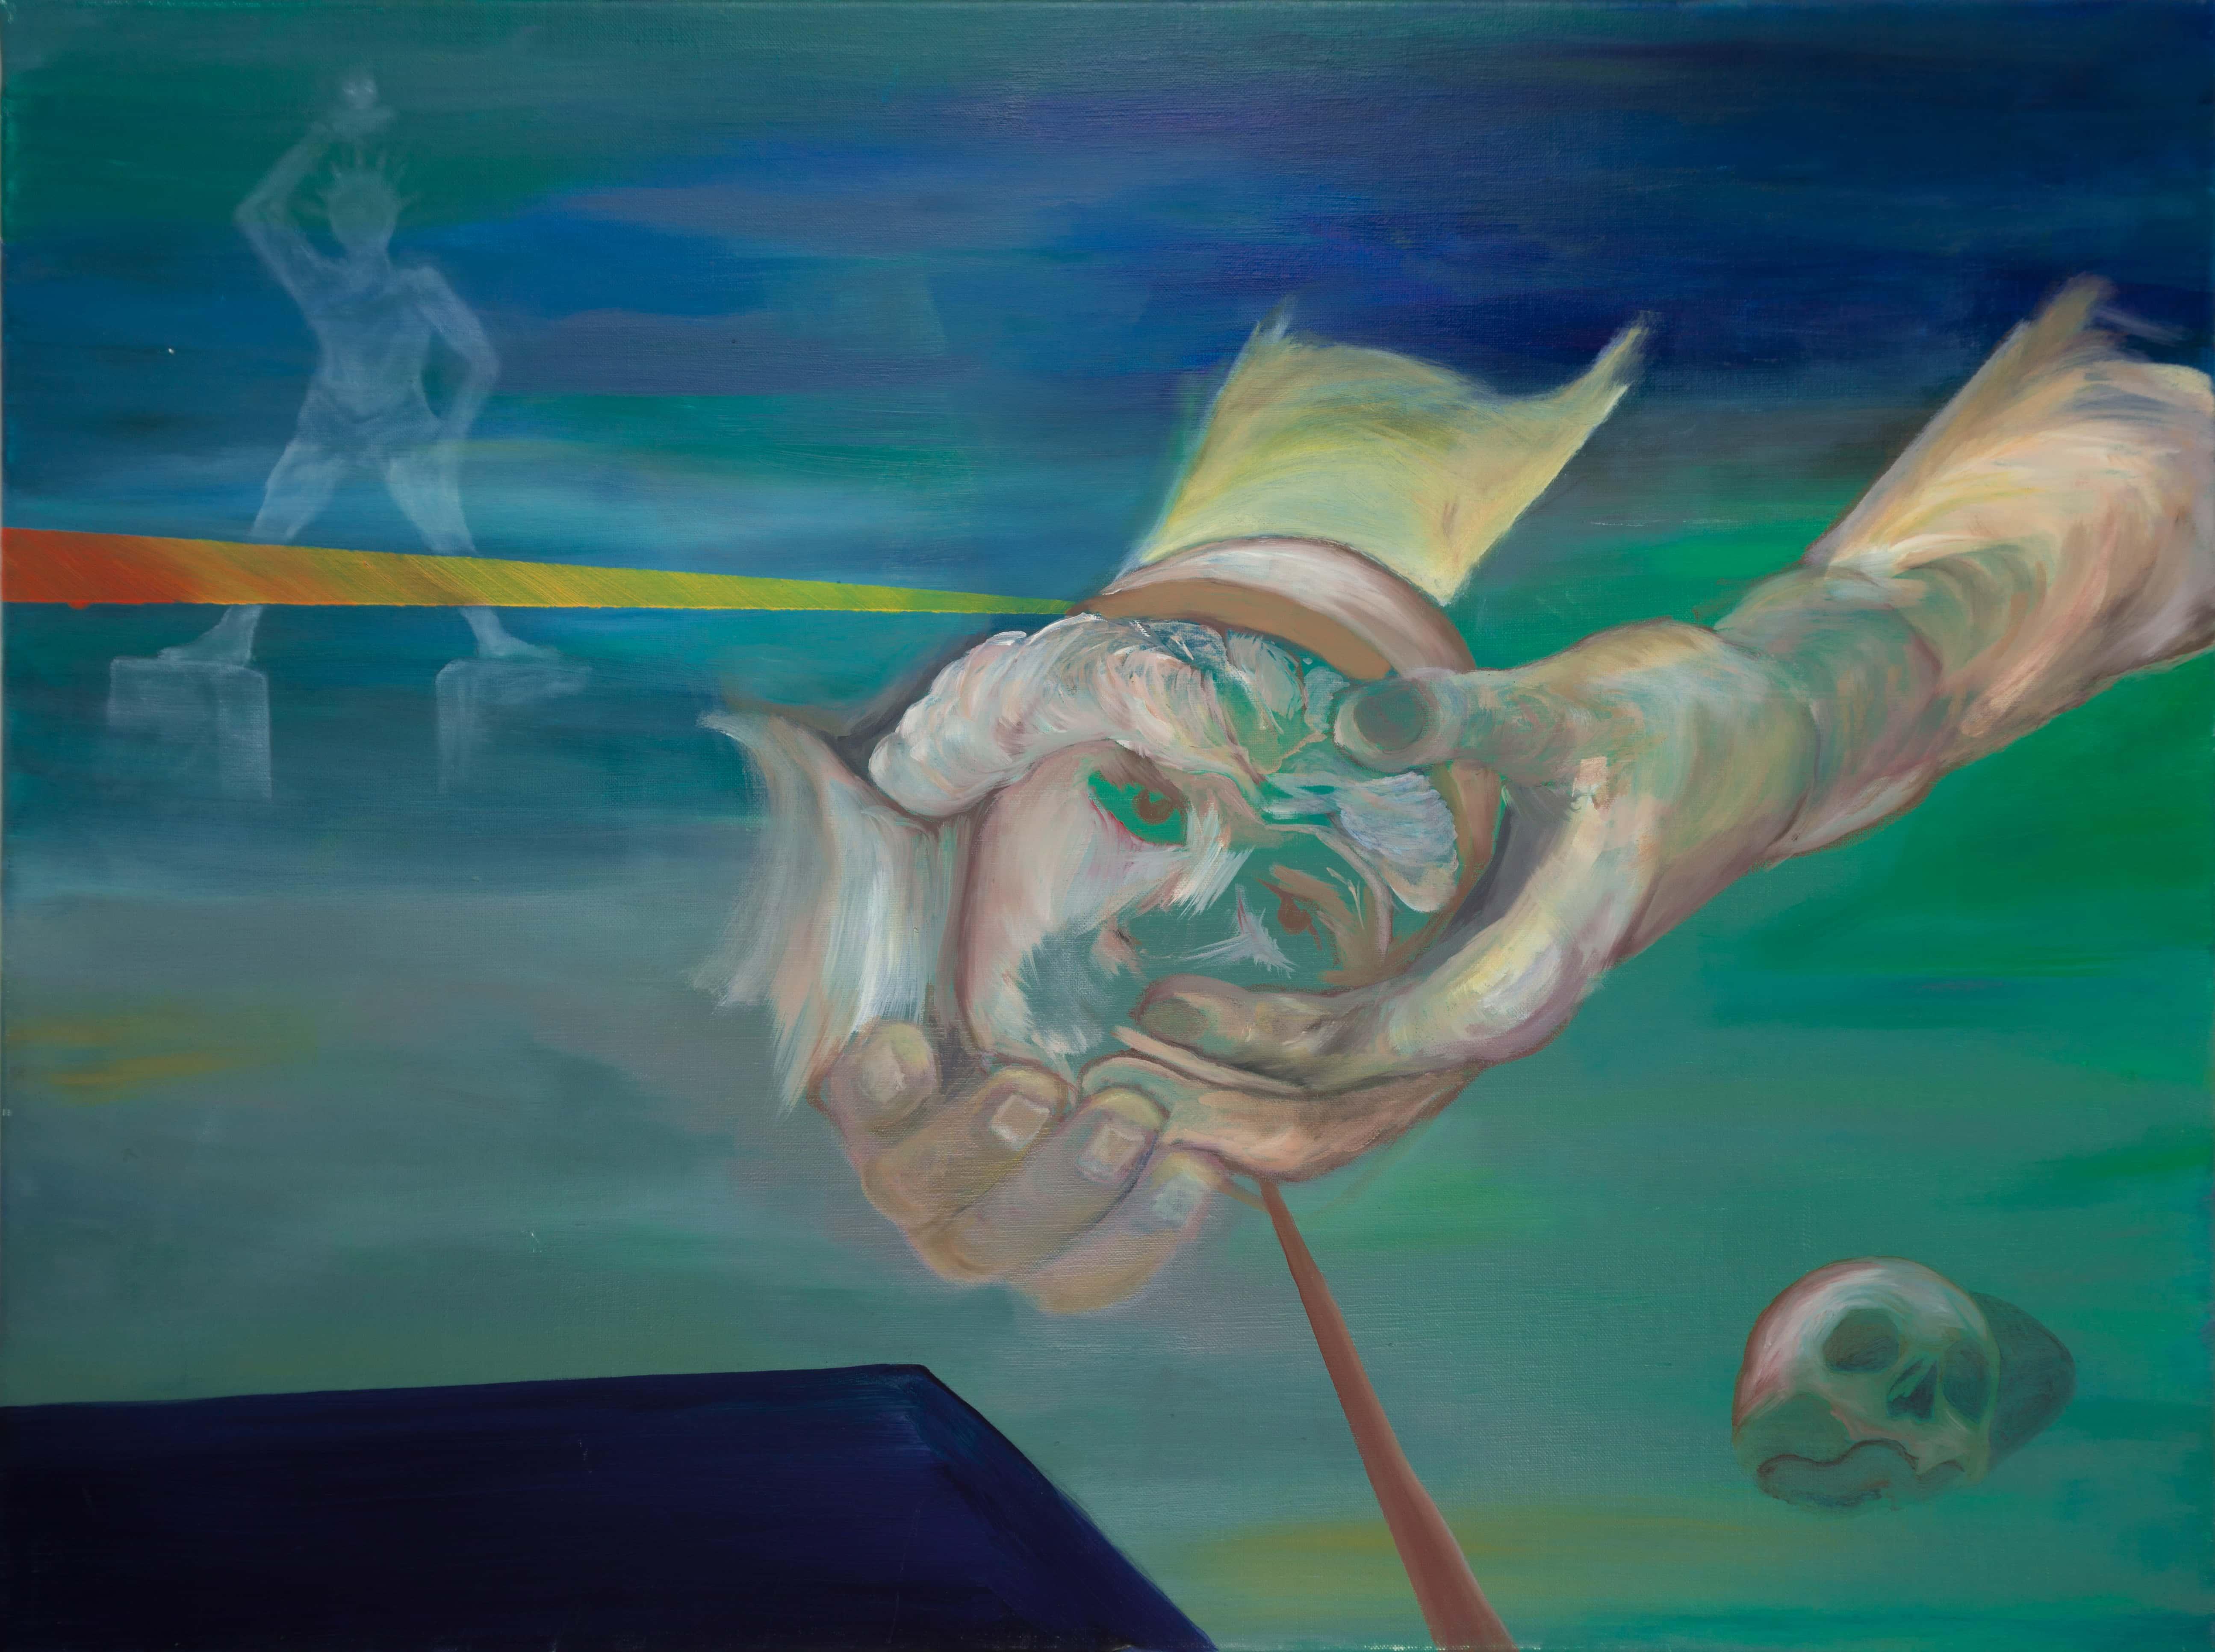 Malerei, Öl auf Leinwand, 80cm x 60cm, Koloss von Rhodos im Hintergrund , Hände mit Kopf im Vordergrund, artist: Franziska King